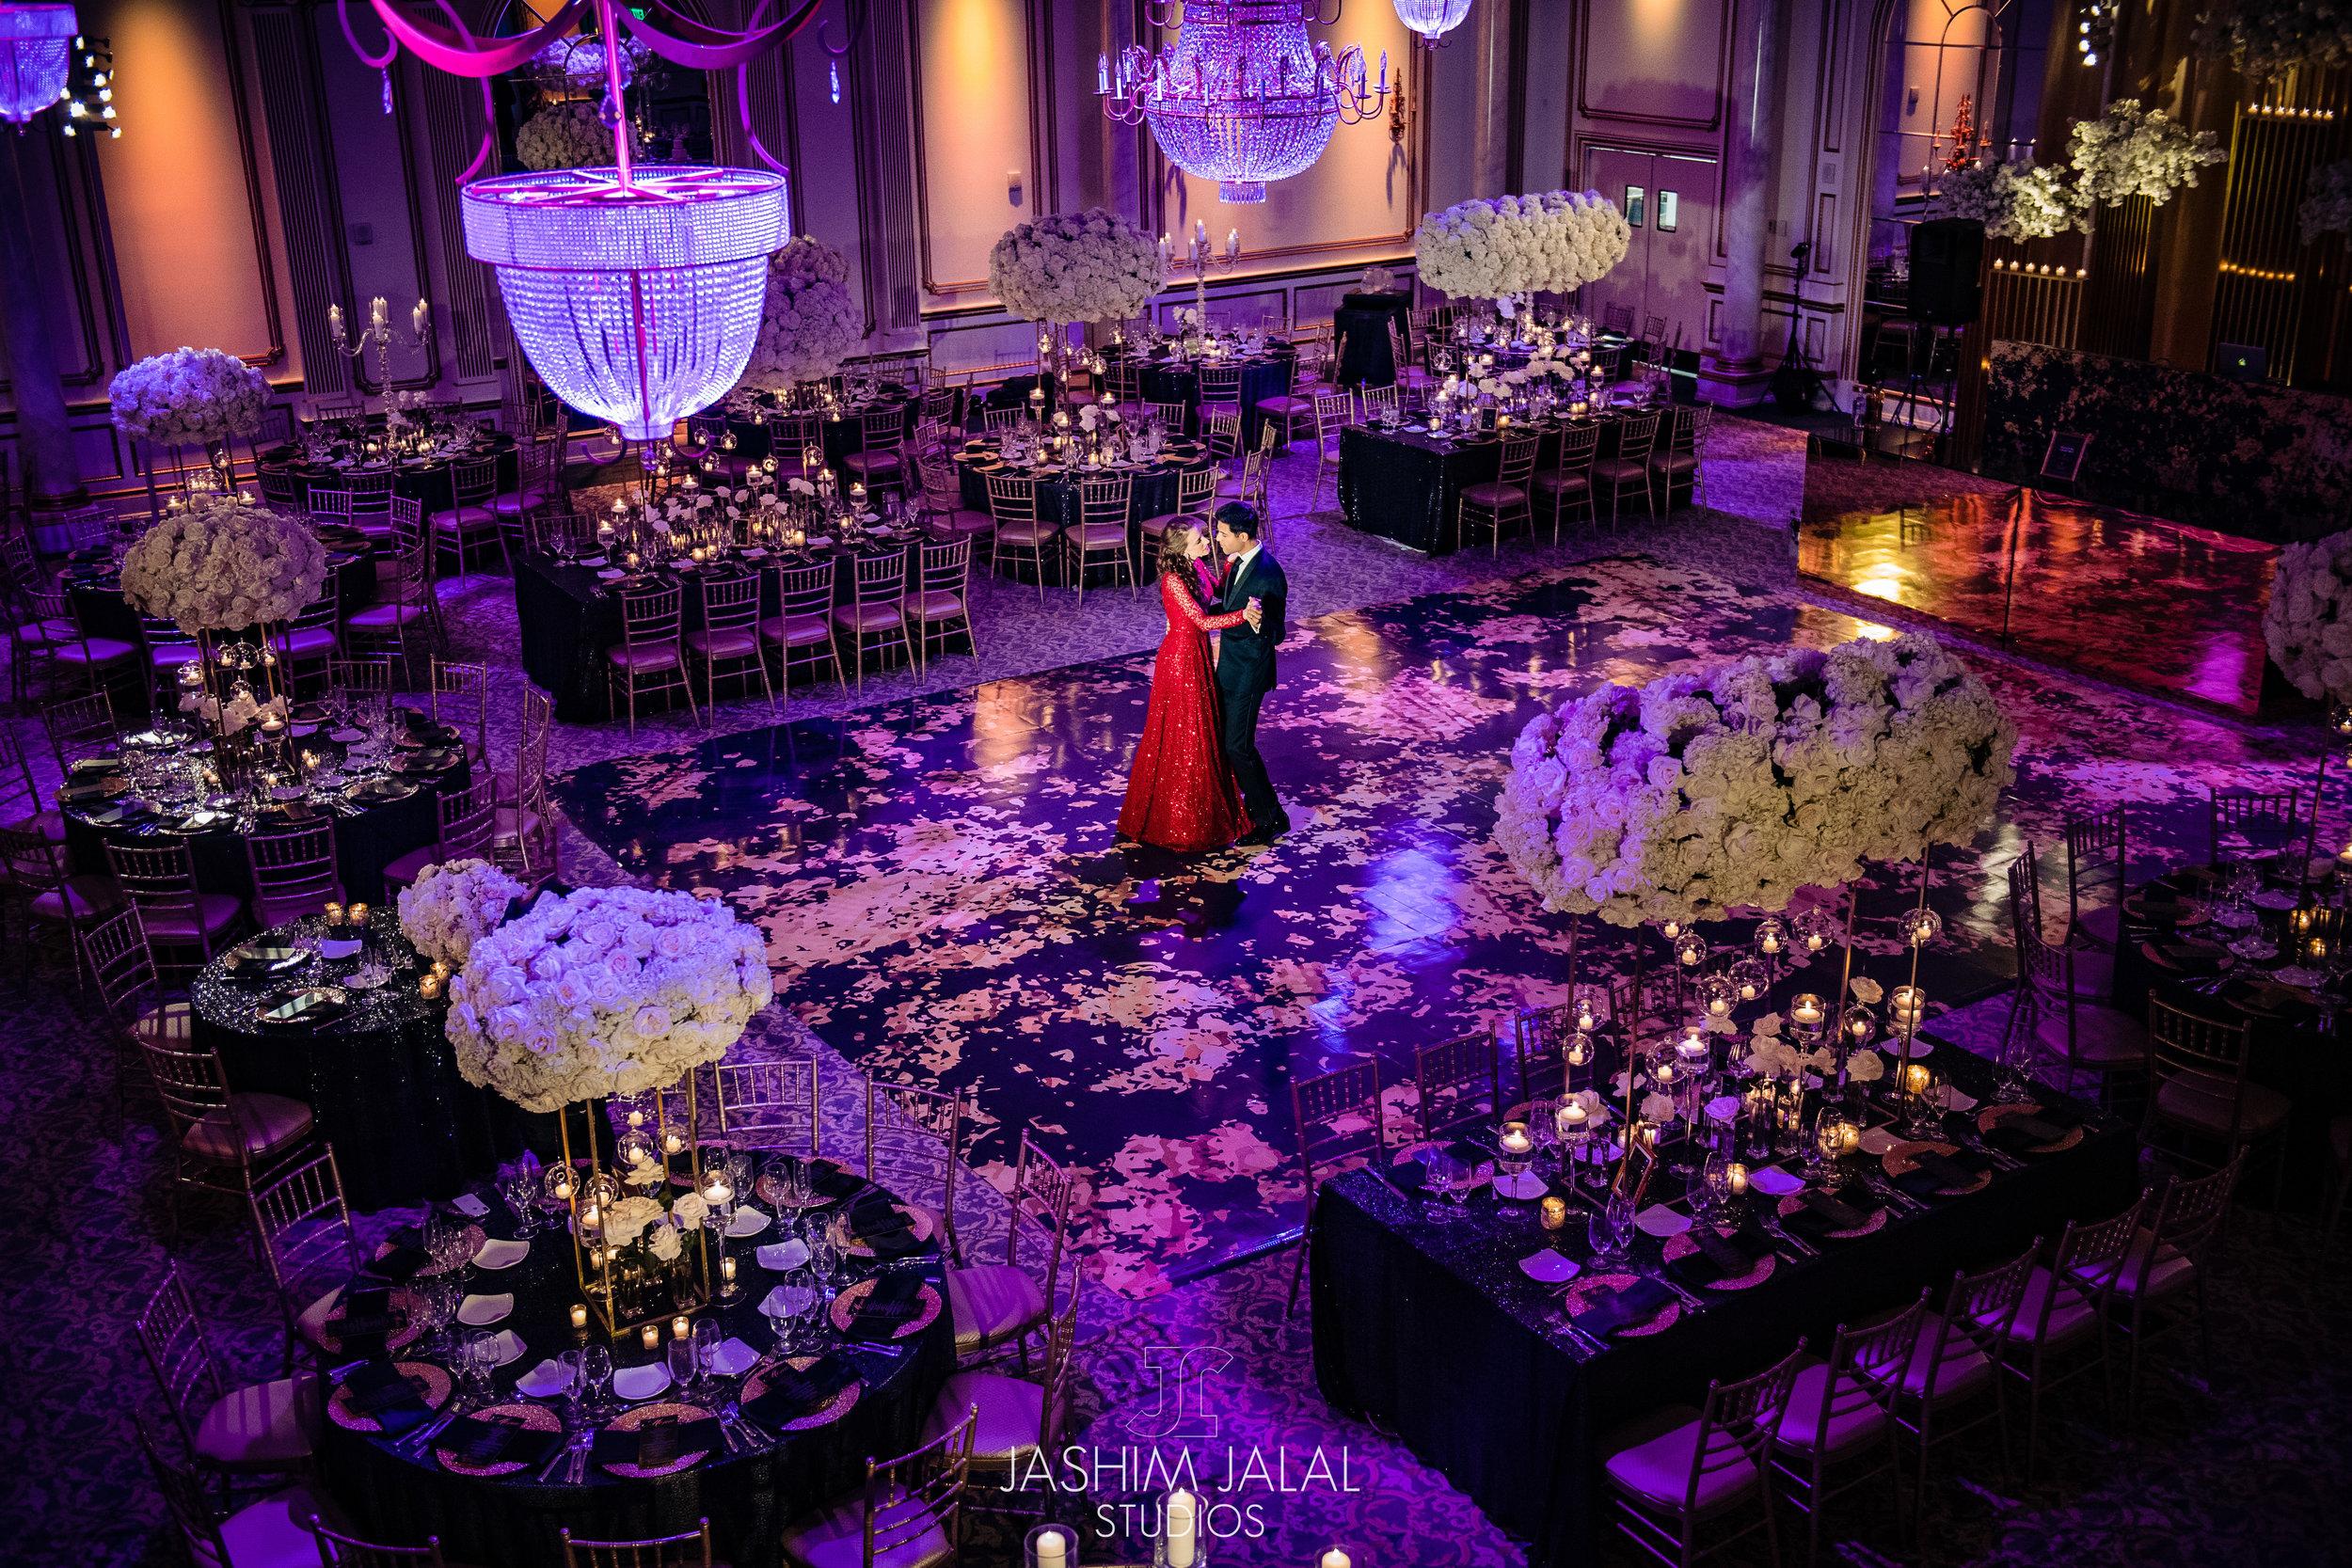 INDIAN WEDDING BRIDE AND GROOM IN VENUE.jpg